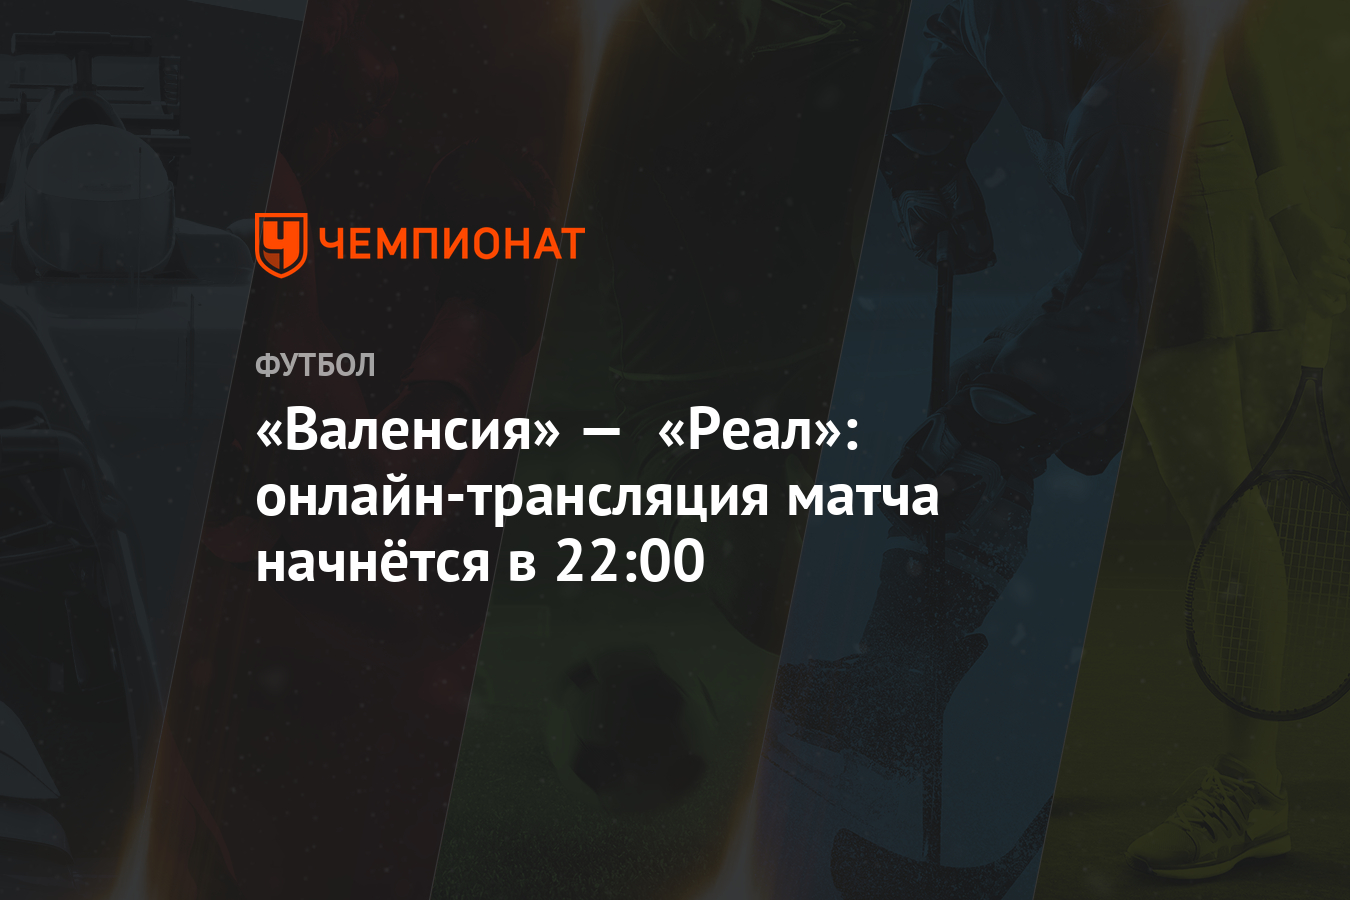 ВаленсиЯ псж смотреть онлайн на русском